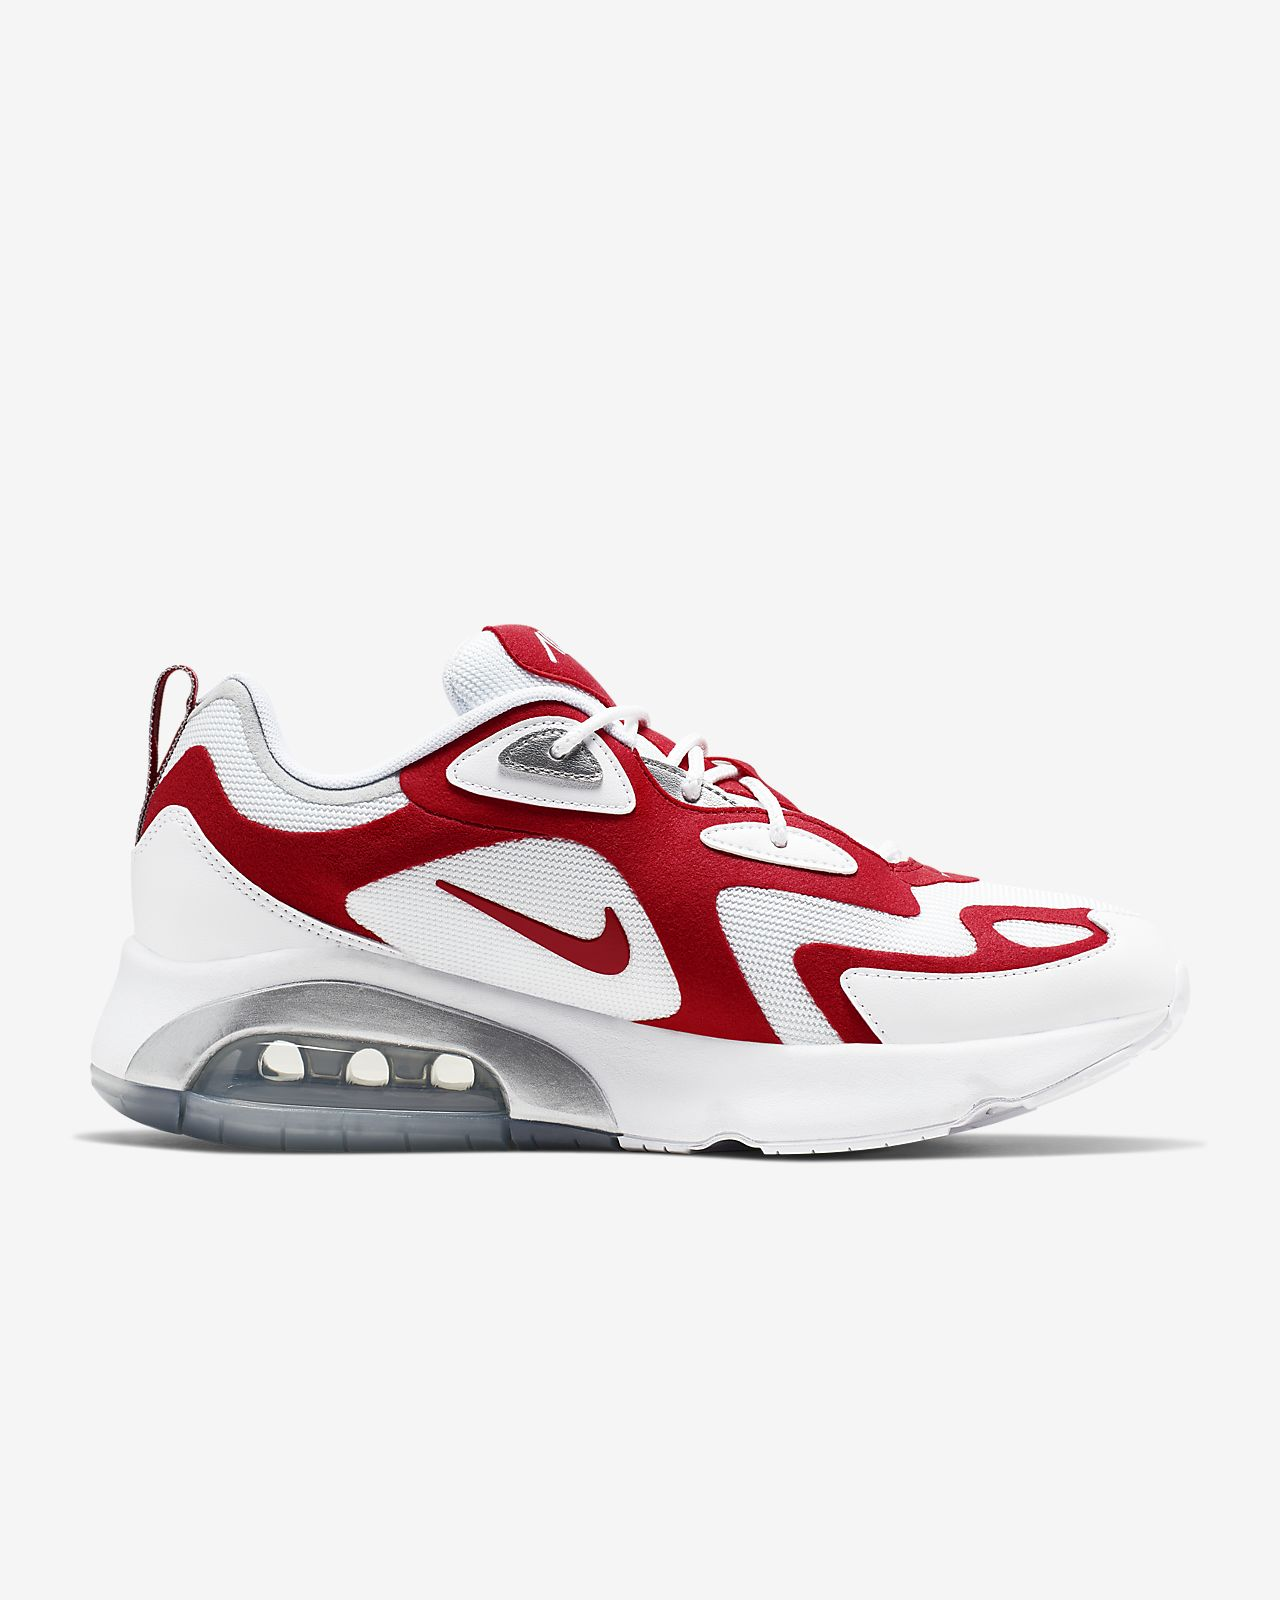 como serch super servicio buscar el más nuevo Nike Air Max 200 Men's Shoe. Nike GB